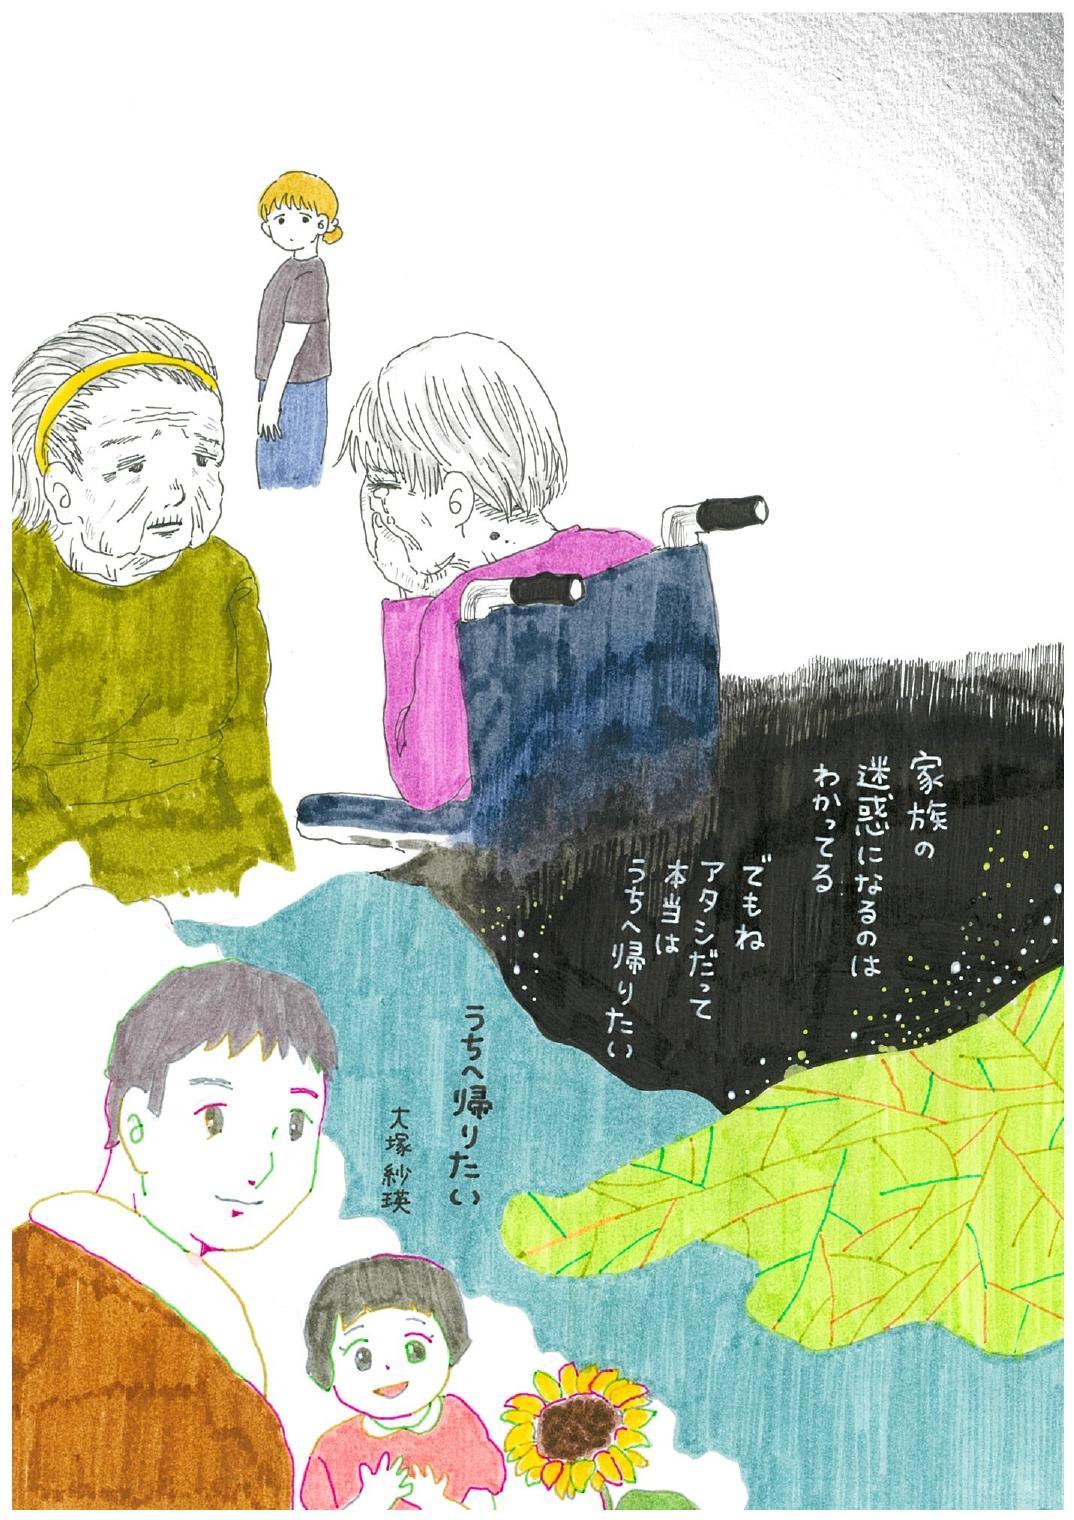 【連載】大塚紗瑛の介護絵日記『すいもあまいも』|第3話「帰宅願望」